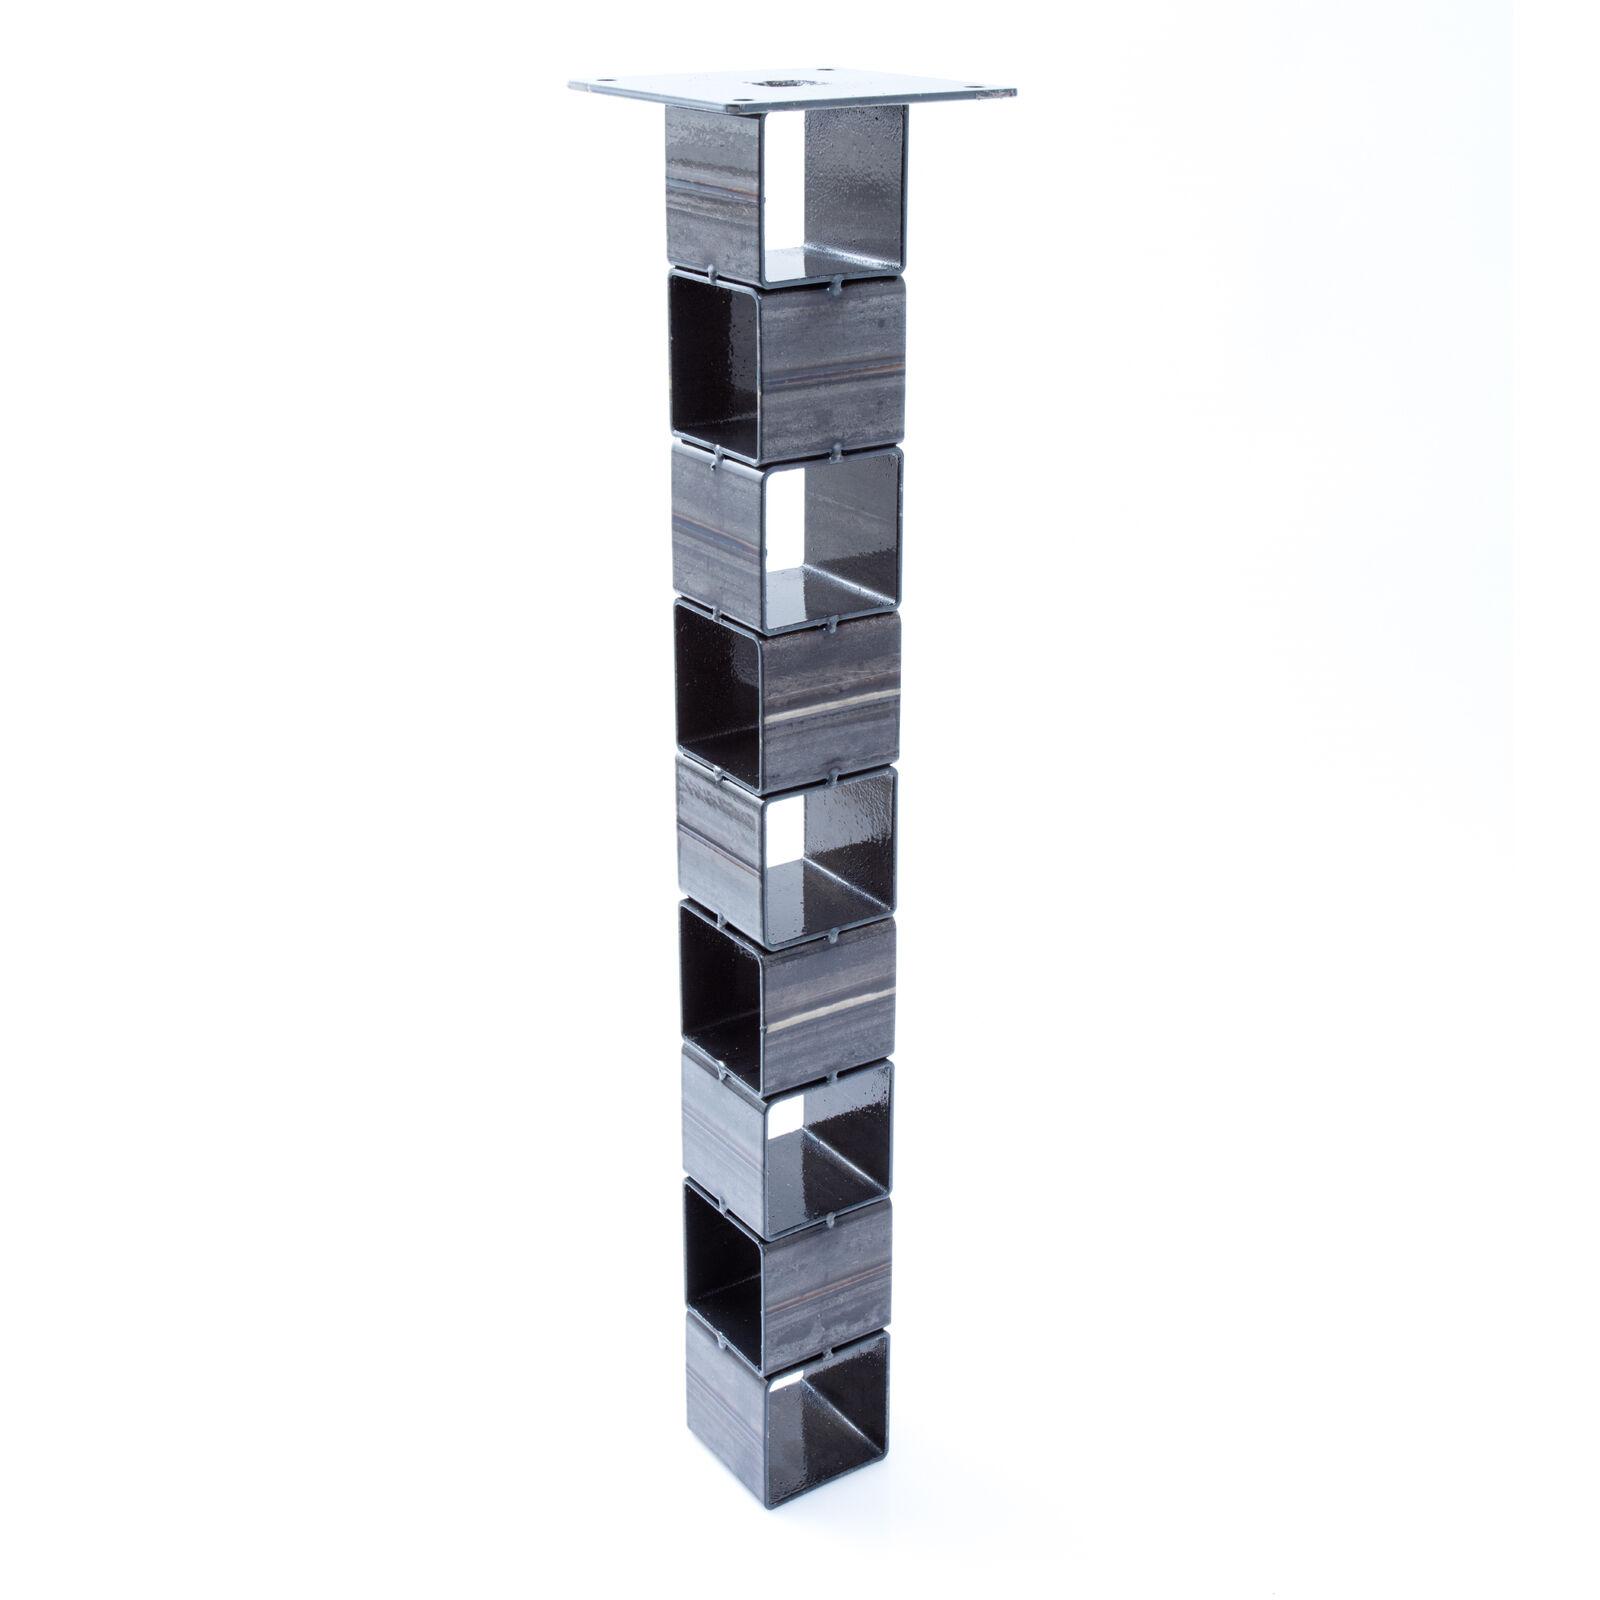 2x Tischbein Tisch selber bauen Bausatz Tischgestell Loft Eisen Steel Designer